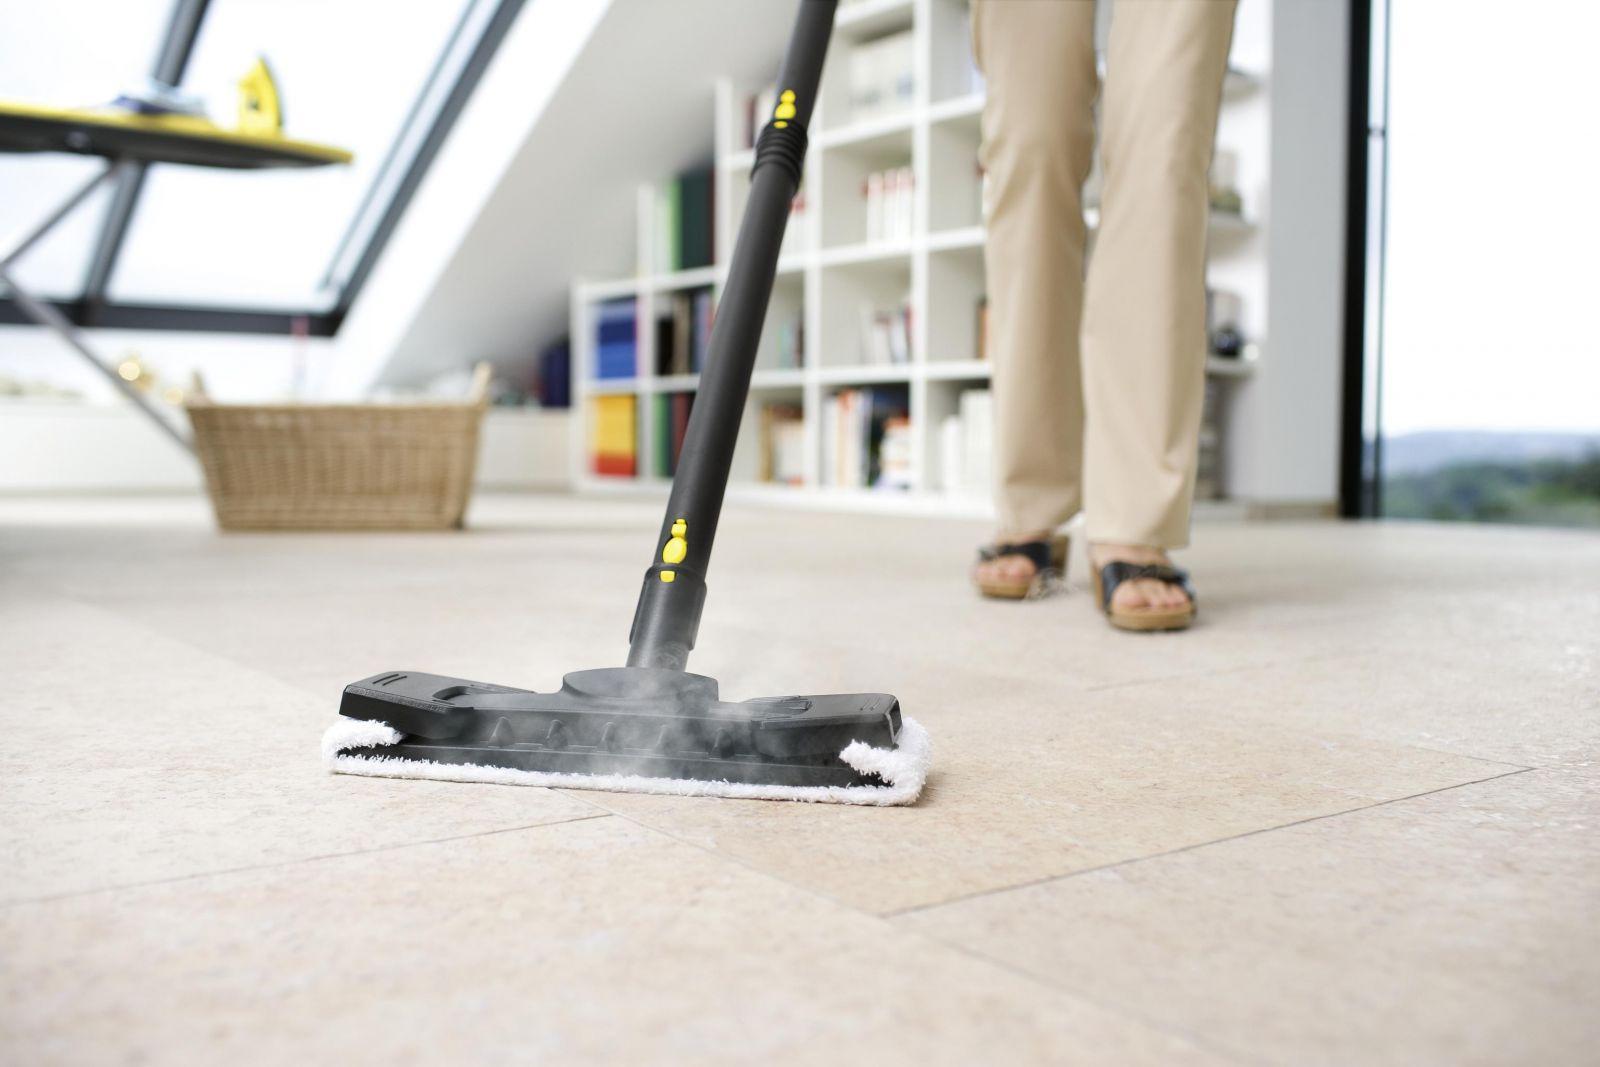 Пароочиститель для уборки квартиры